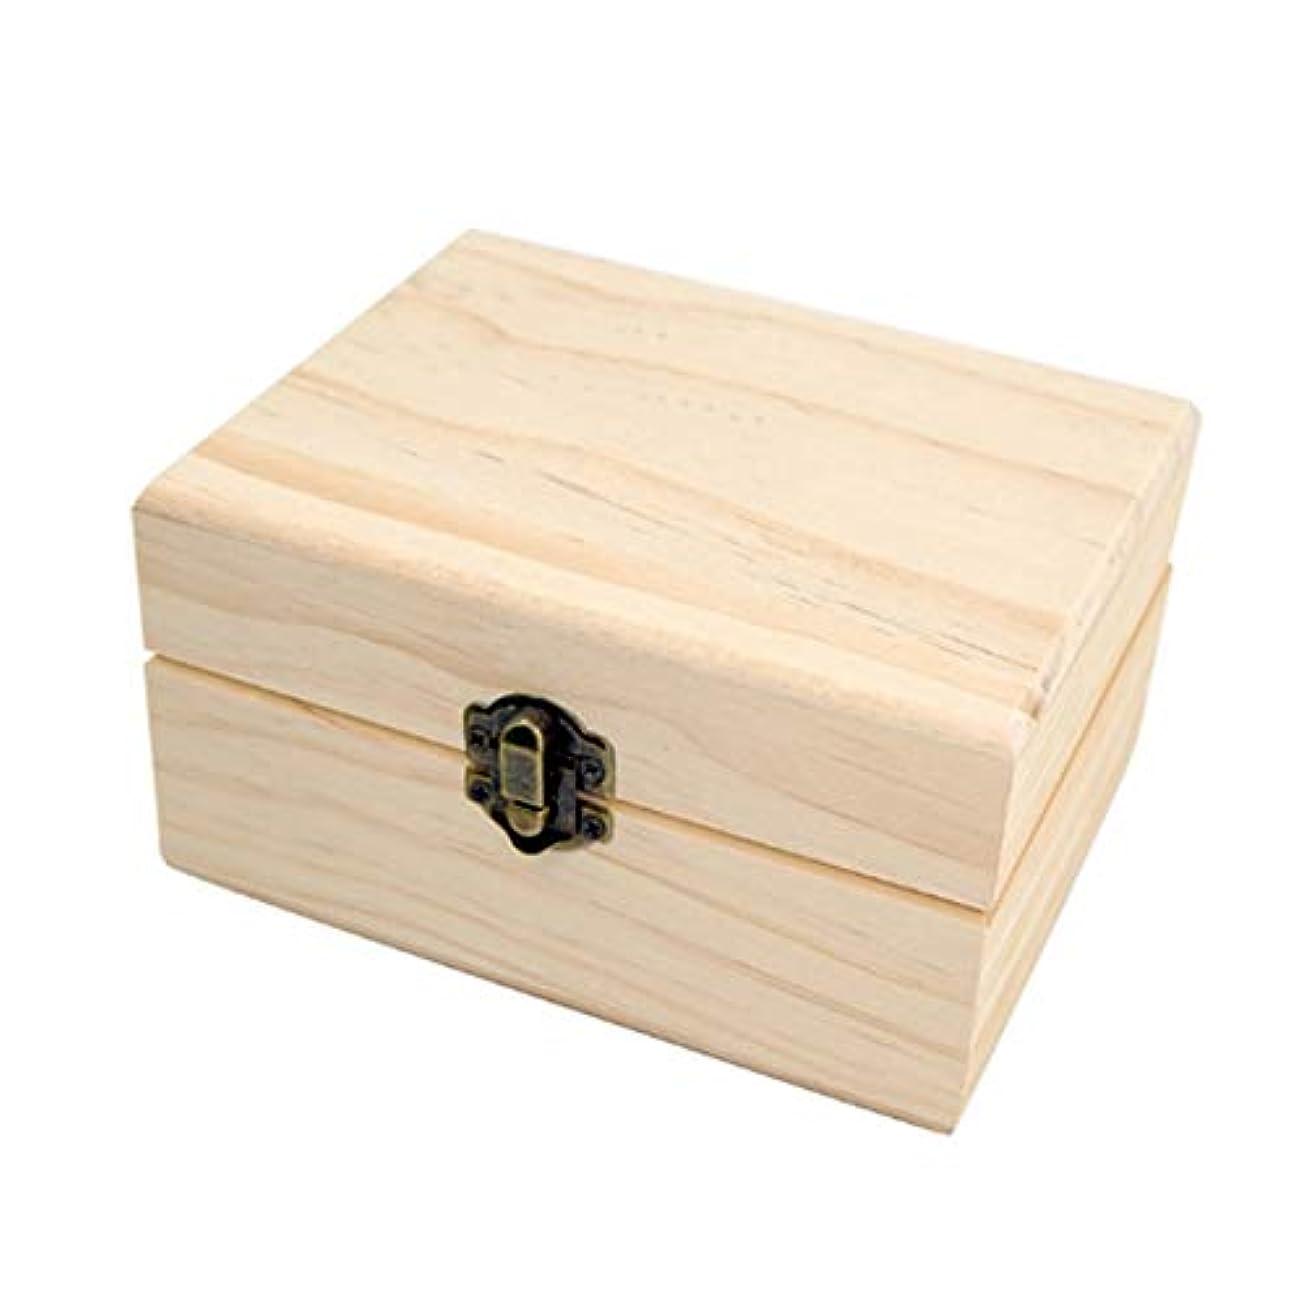 離れて繊維移動フェリモア エッセンシャルオイル 収納ボックス ボトル用 松 木製 格子状 倒れにくい 12マス (ブラウン)